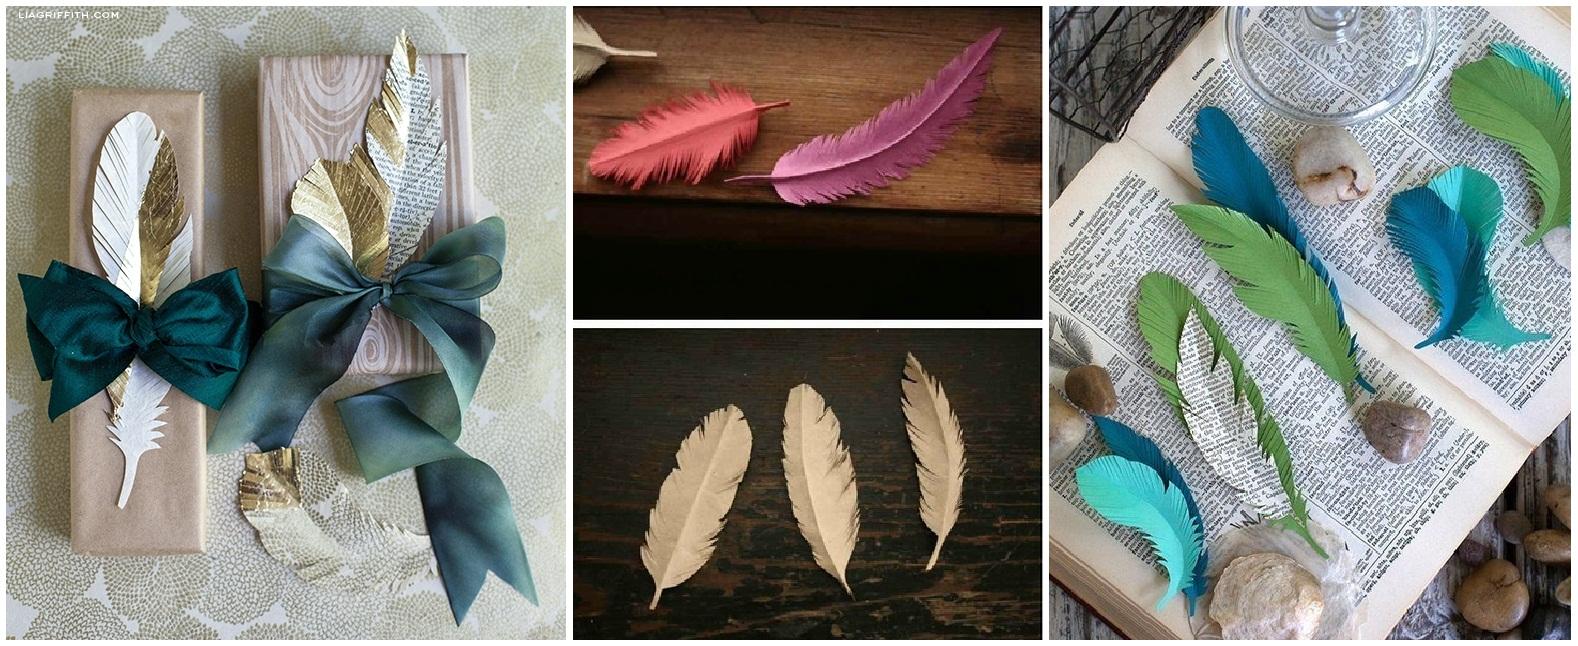 Что можно сделать своими руками из перьев